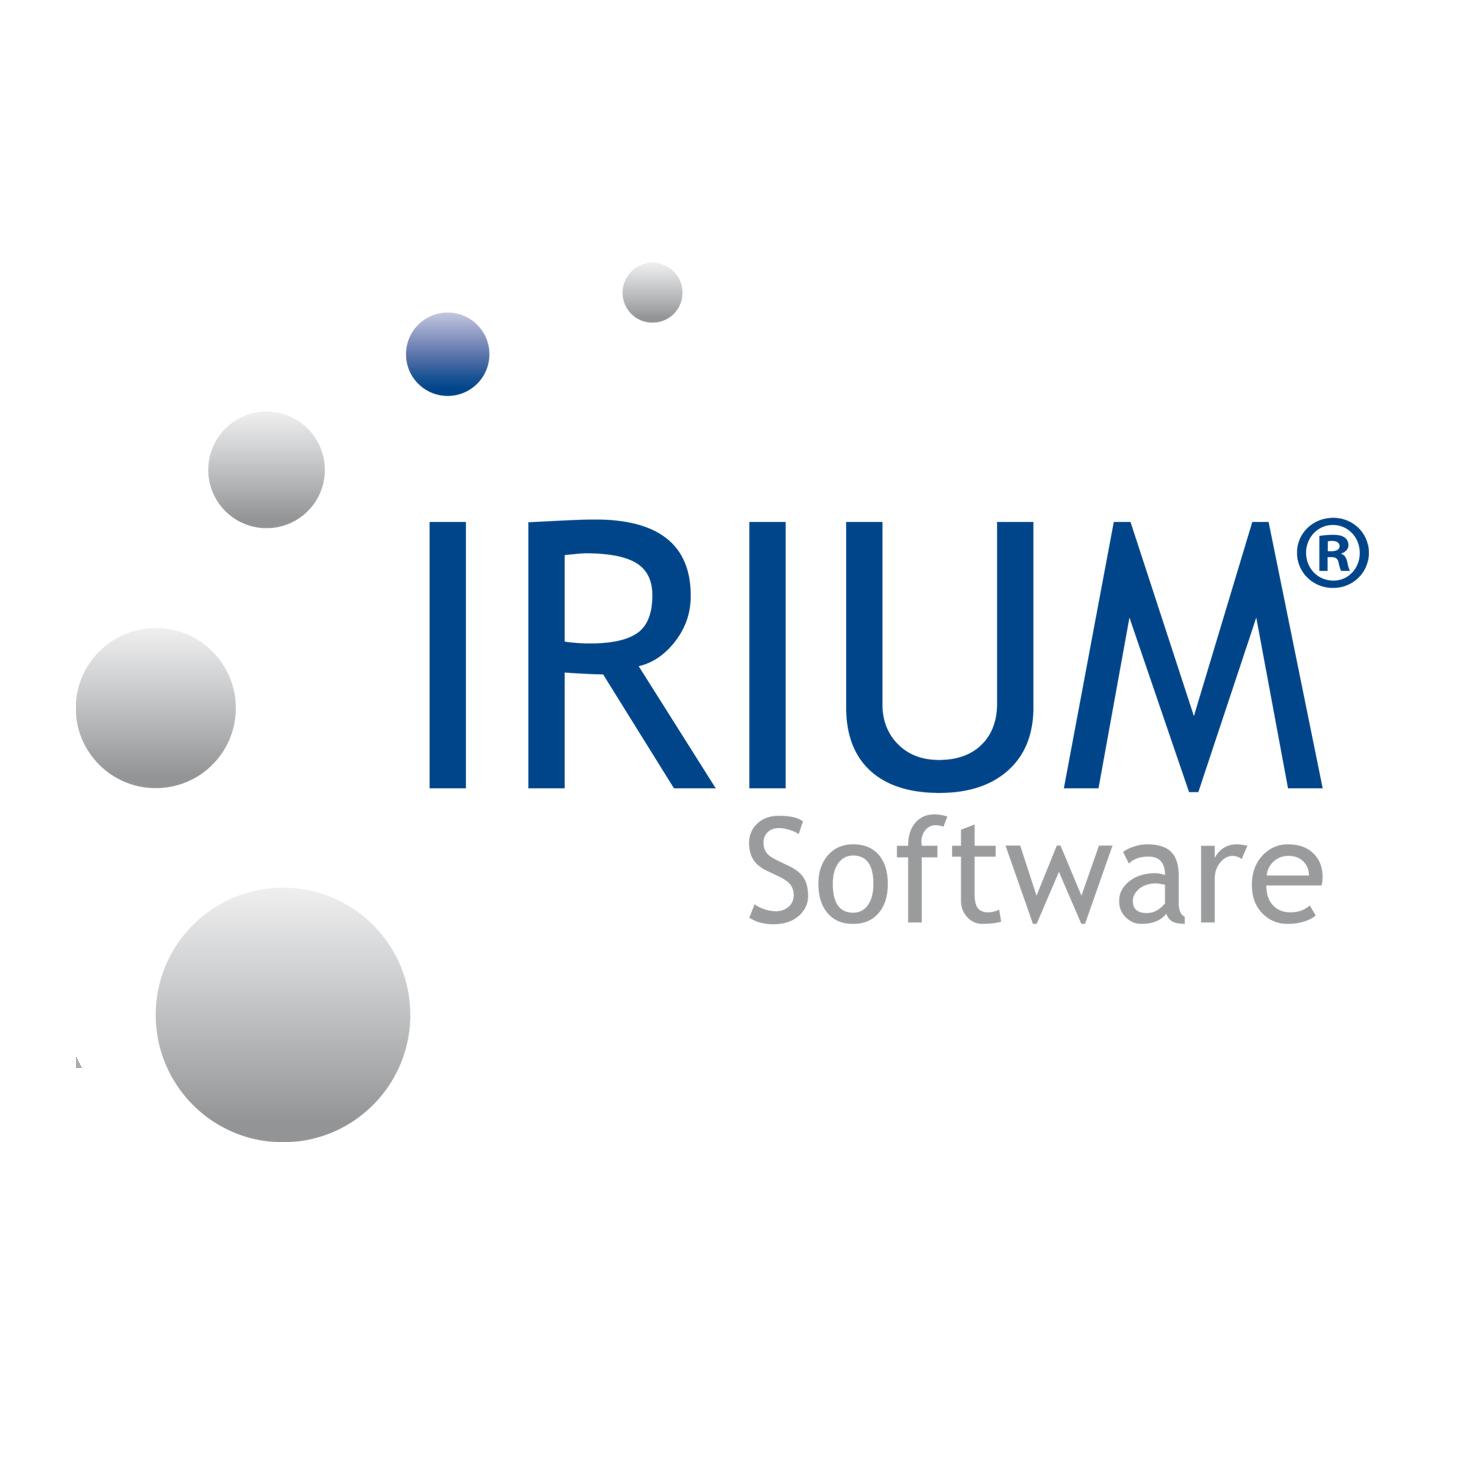 IRIUM Software